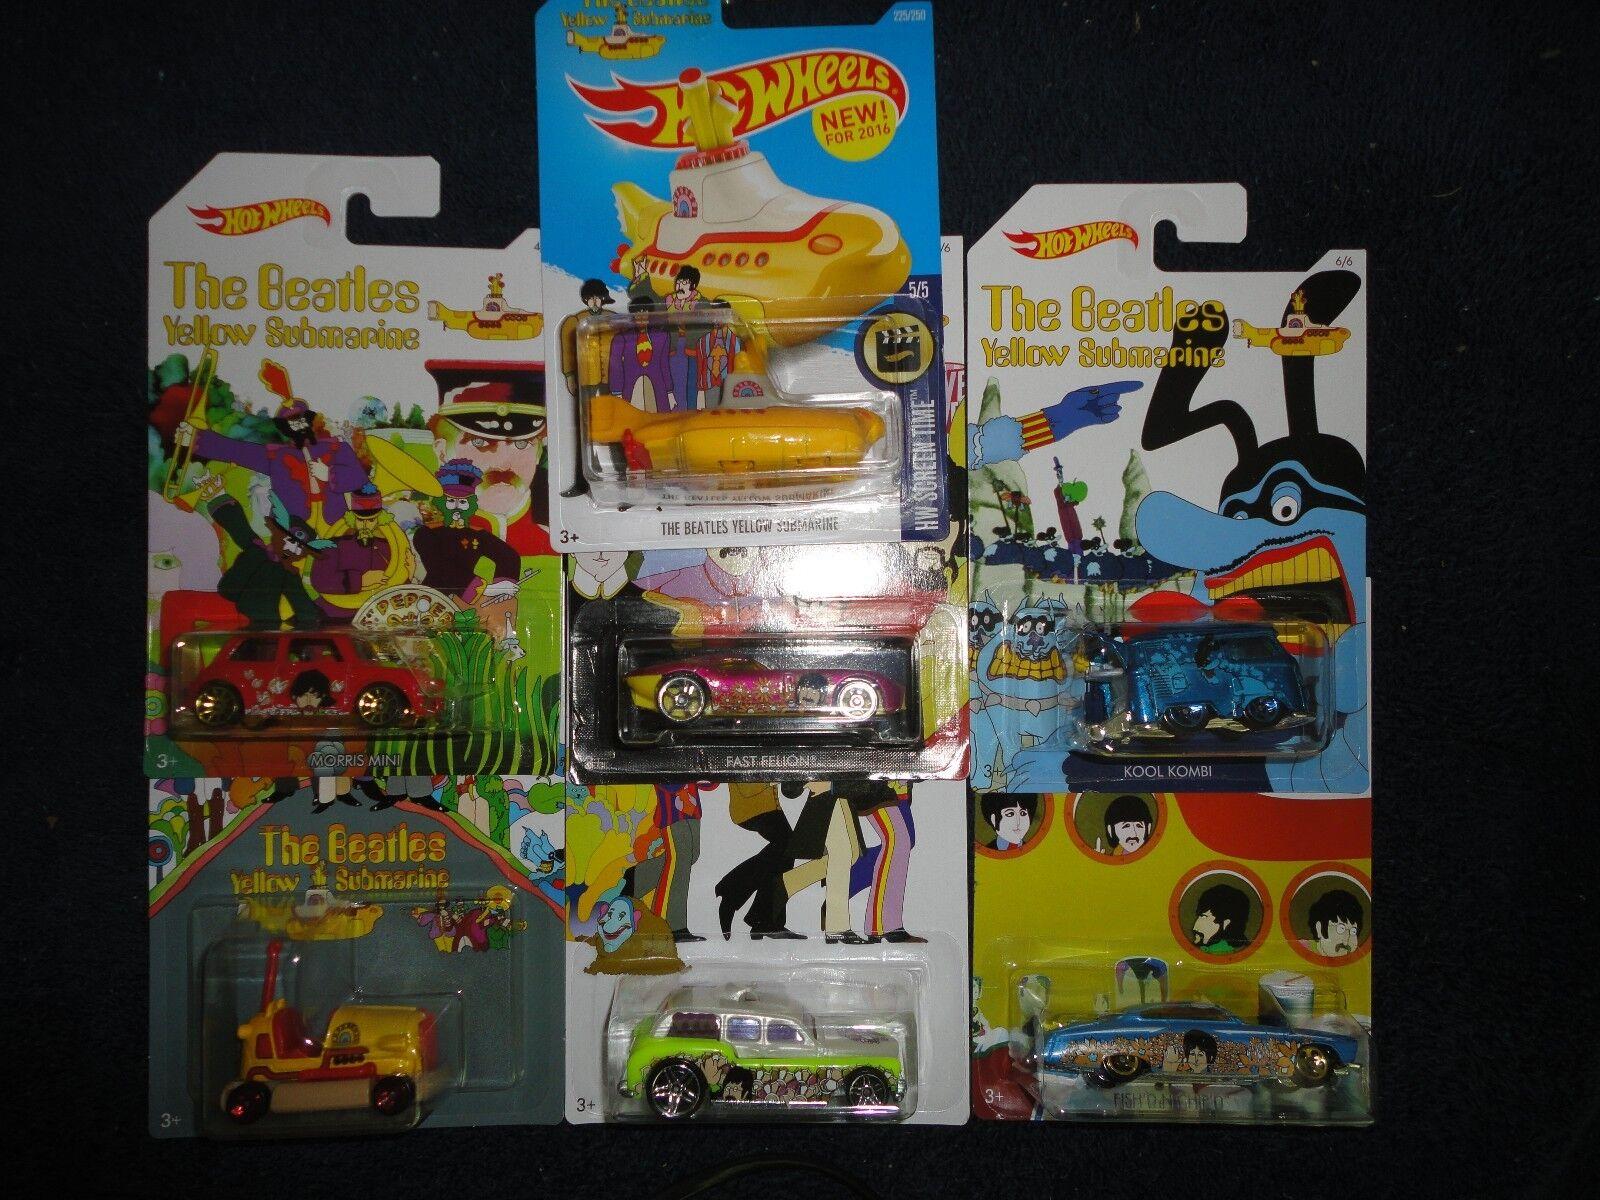 Hot Wheels Conjunto de 6 de The Beatles amarillo Submarine tiempo de pantalla de Hardware Set Plus, Nuevo